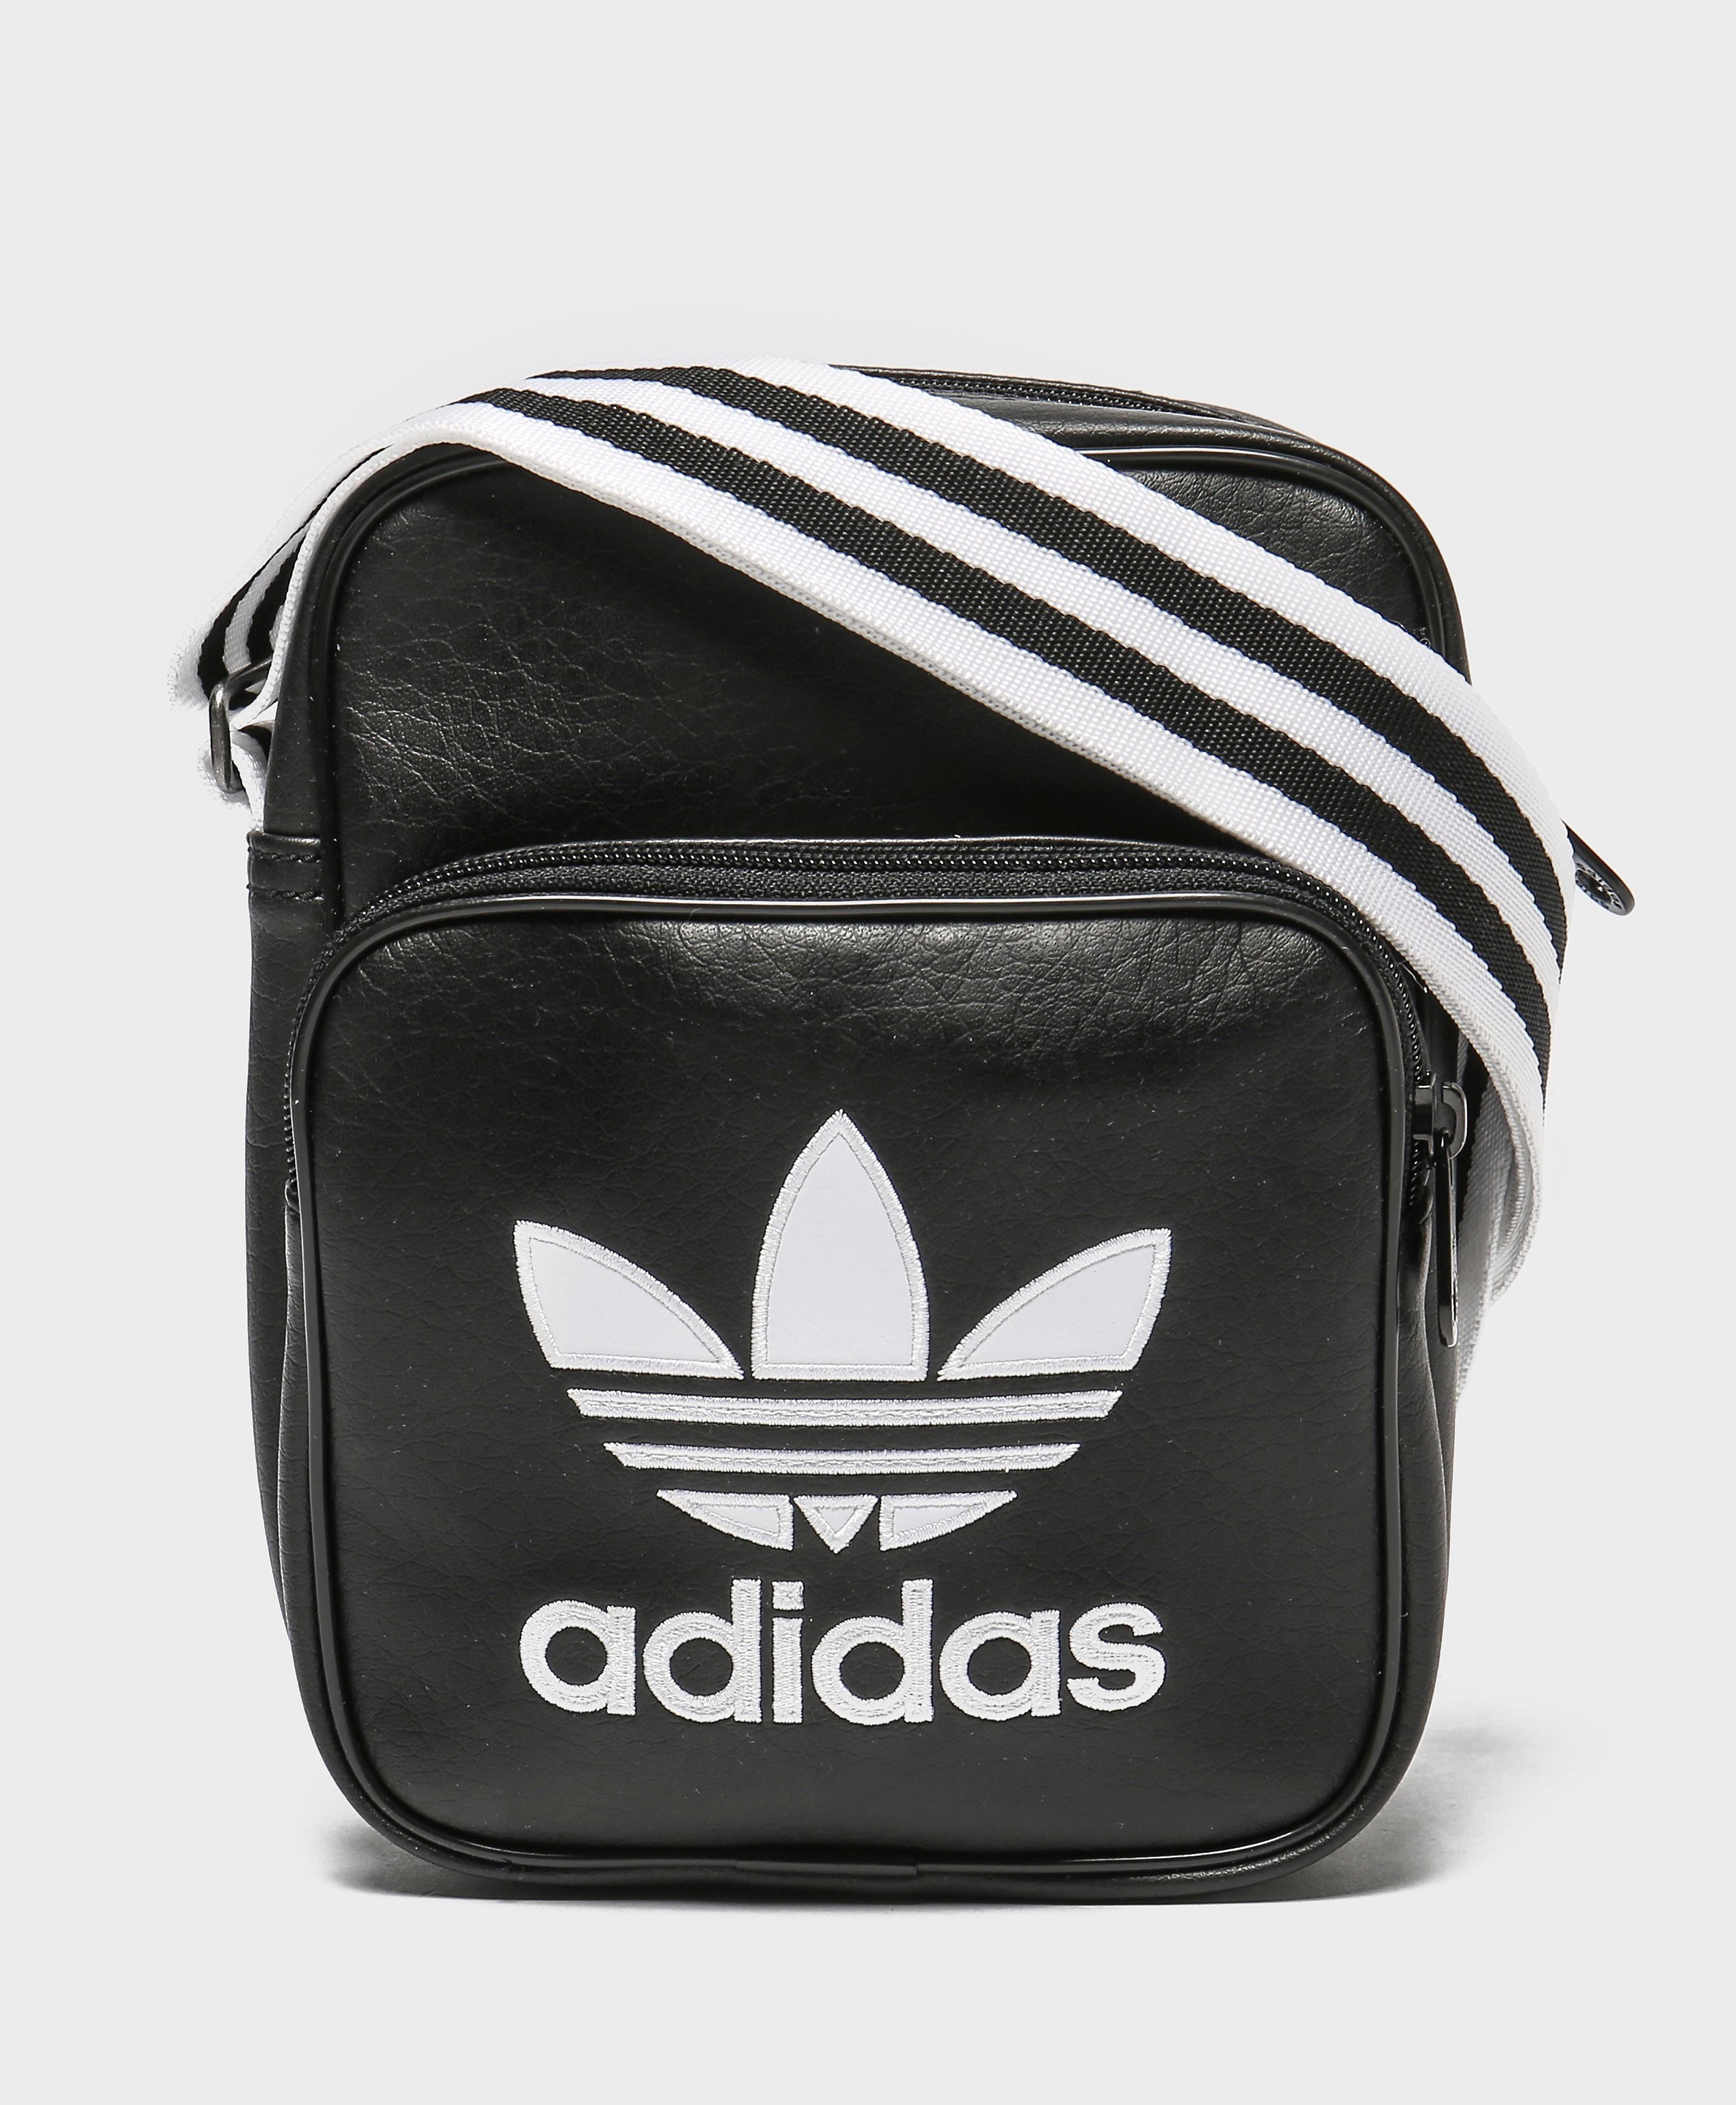 adidas Originals Adicolour Bag